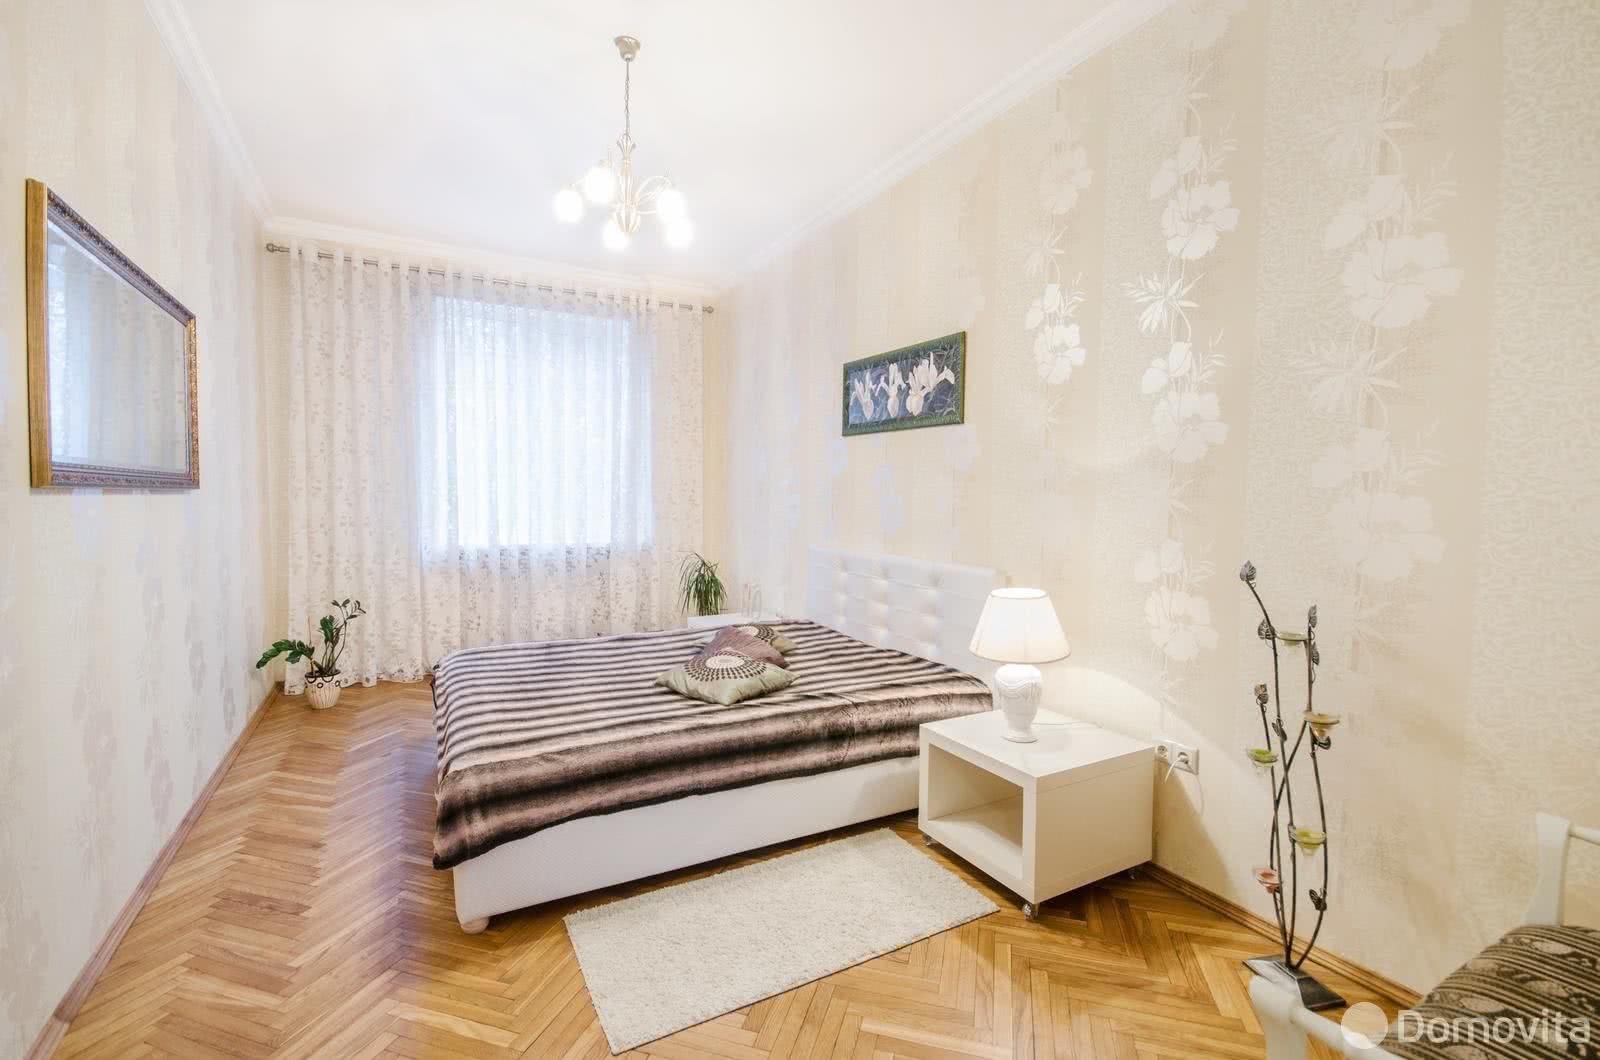 Аренда 2-комнатной квартиры на сутки в Минске, ул. Янки Купалы, д. 11 - фото 6